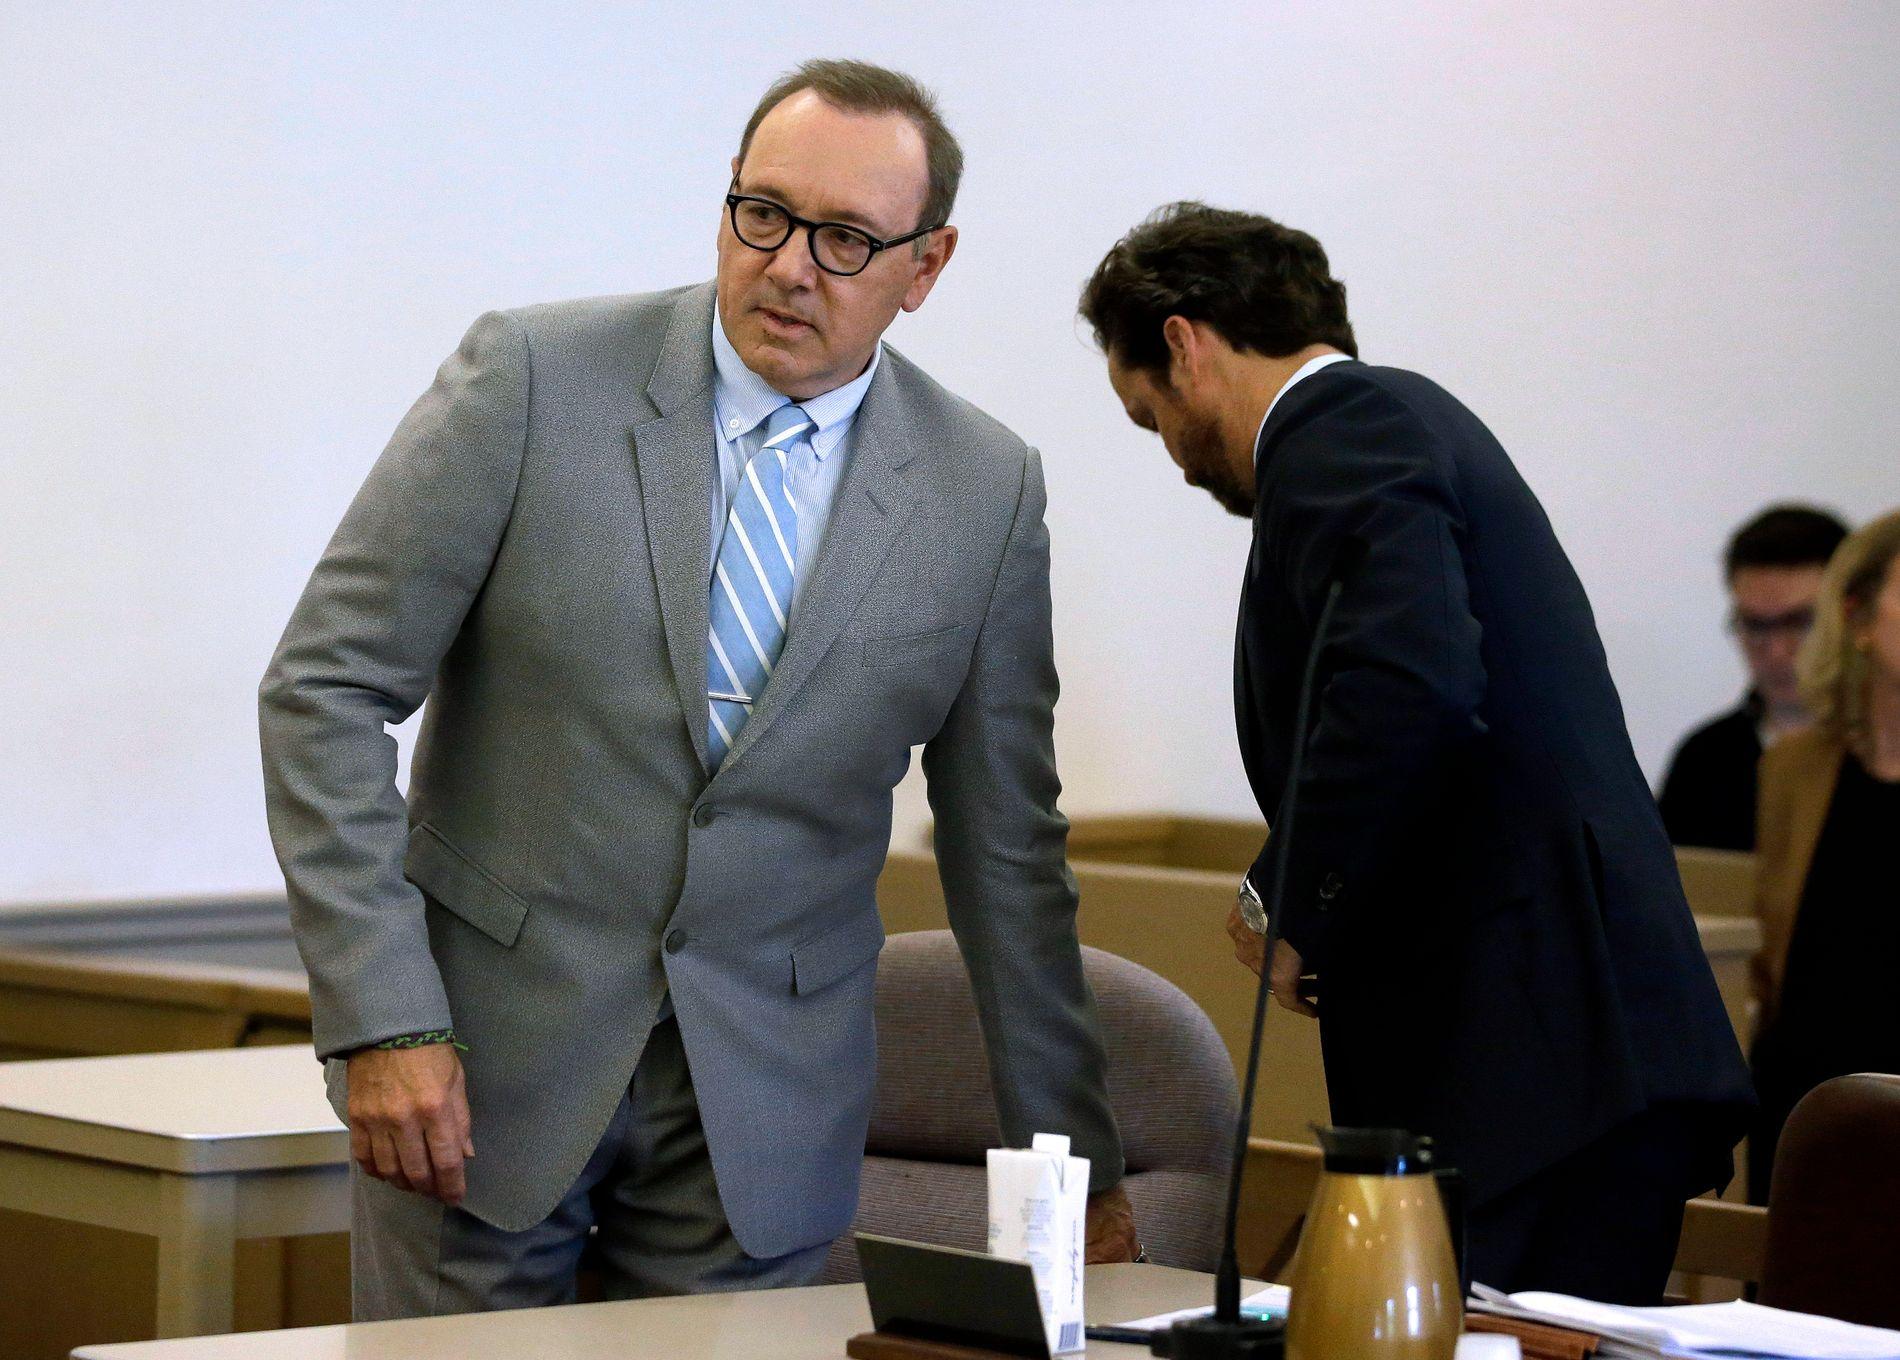 FRAFALT: Det blir ingen rettssak mot Kevin Spacey etter at påtalemyndigheten har droppet saken mot ham.